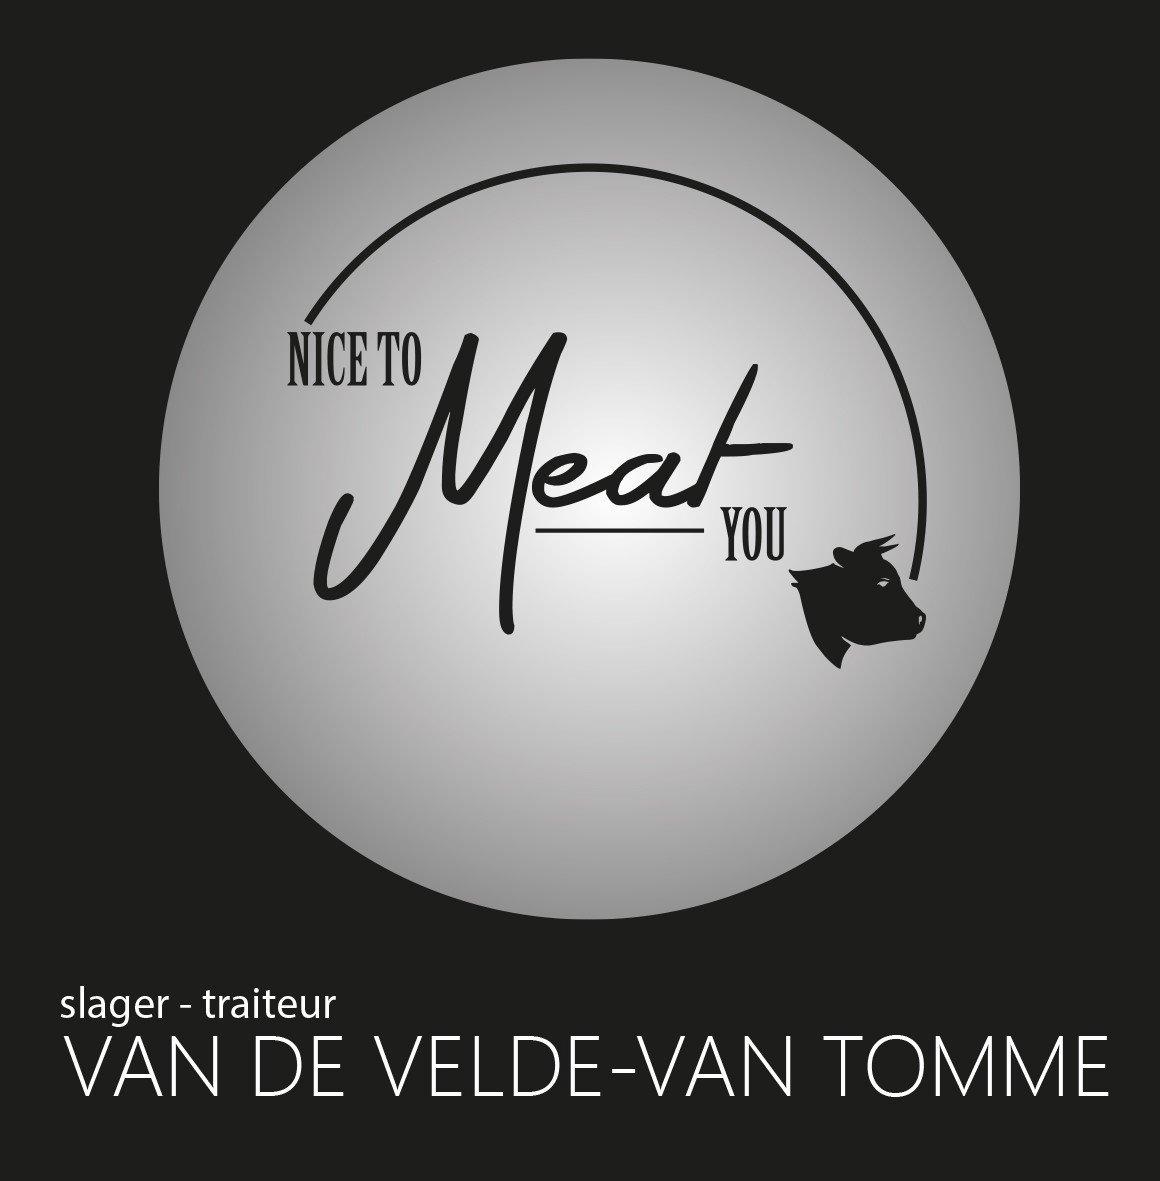 Slagerij/traiteur Van de Velde-Van Tomme